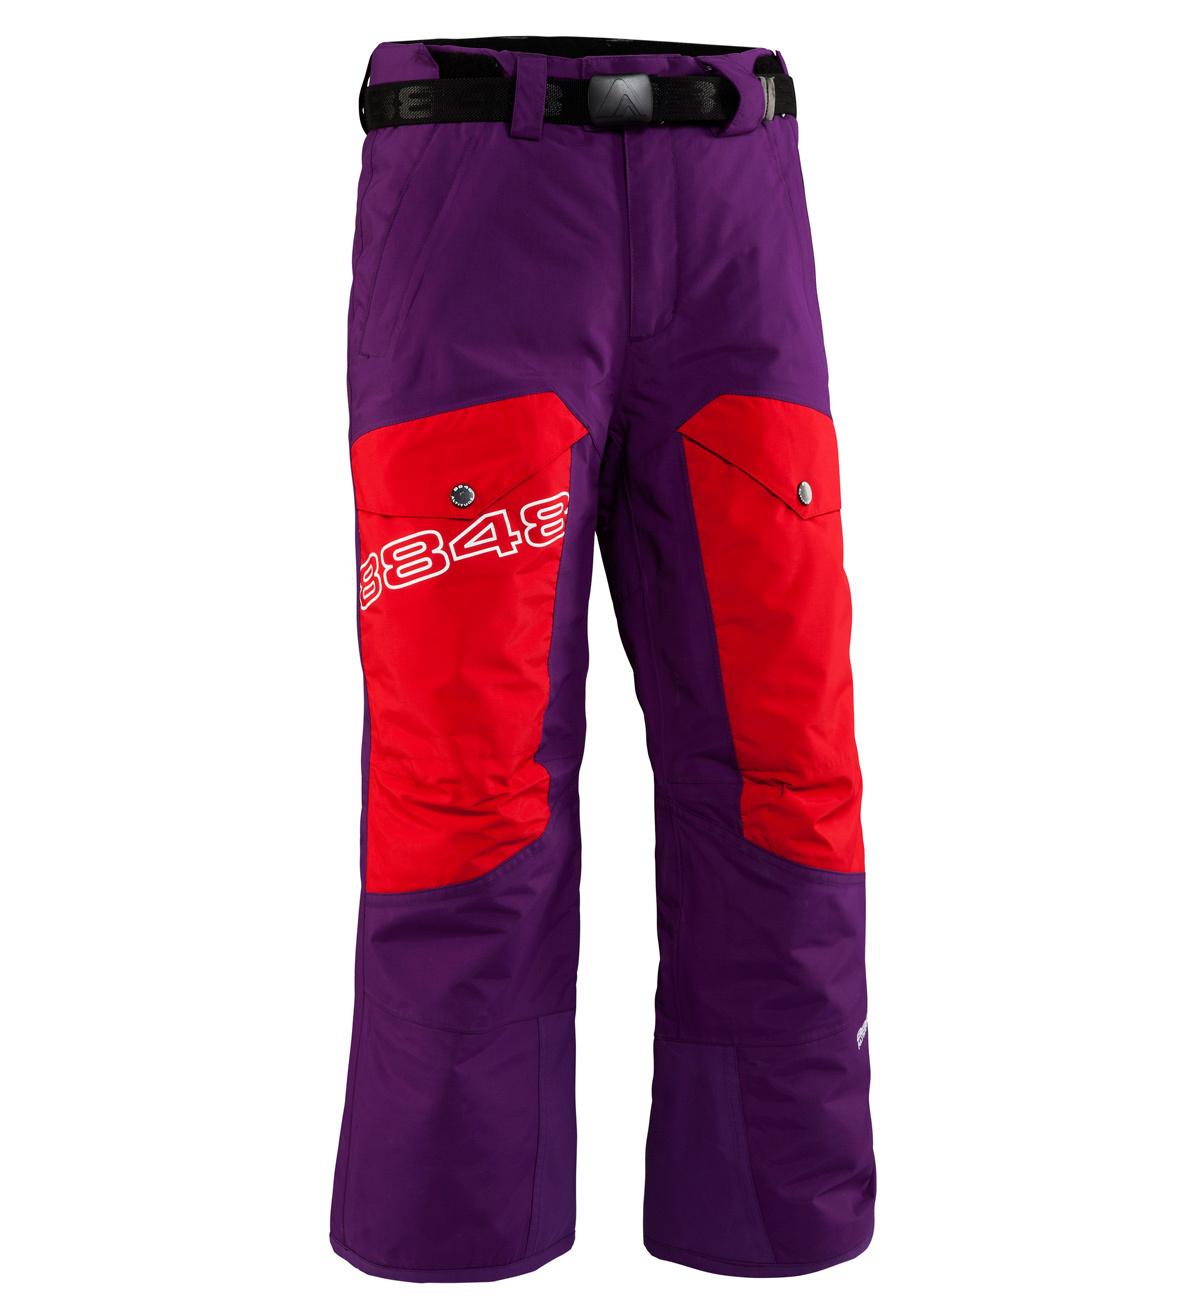 Брюки горнолыжные детские 8848 Altitude FLUX  детские Purple